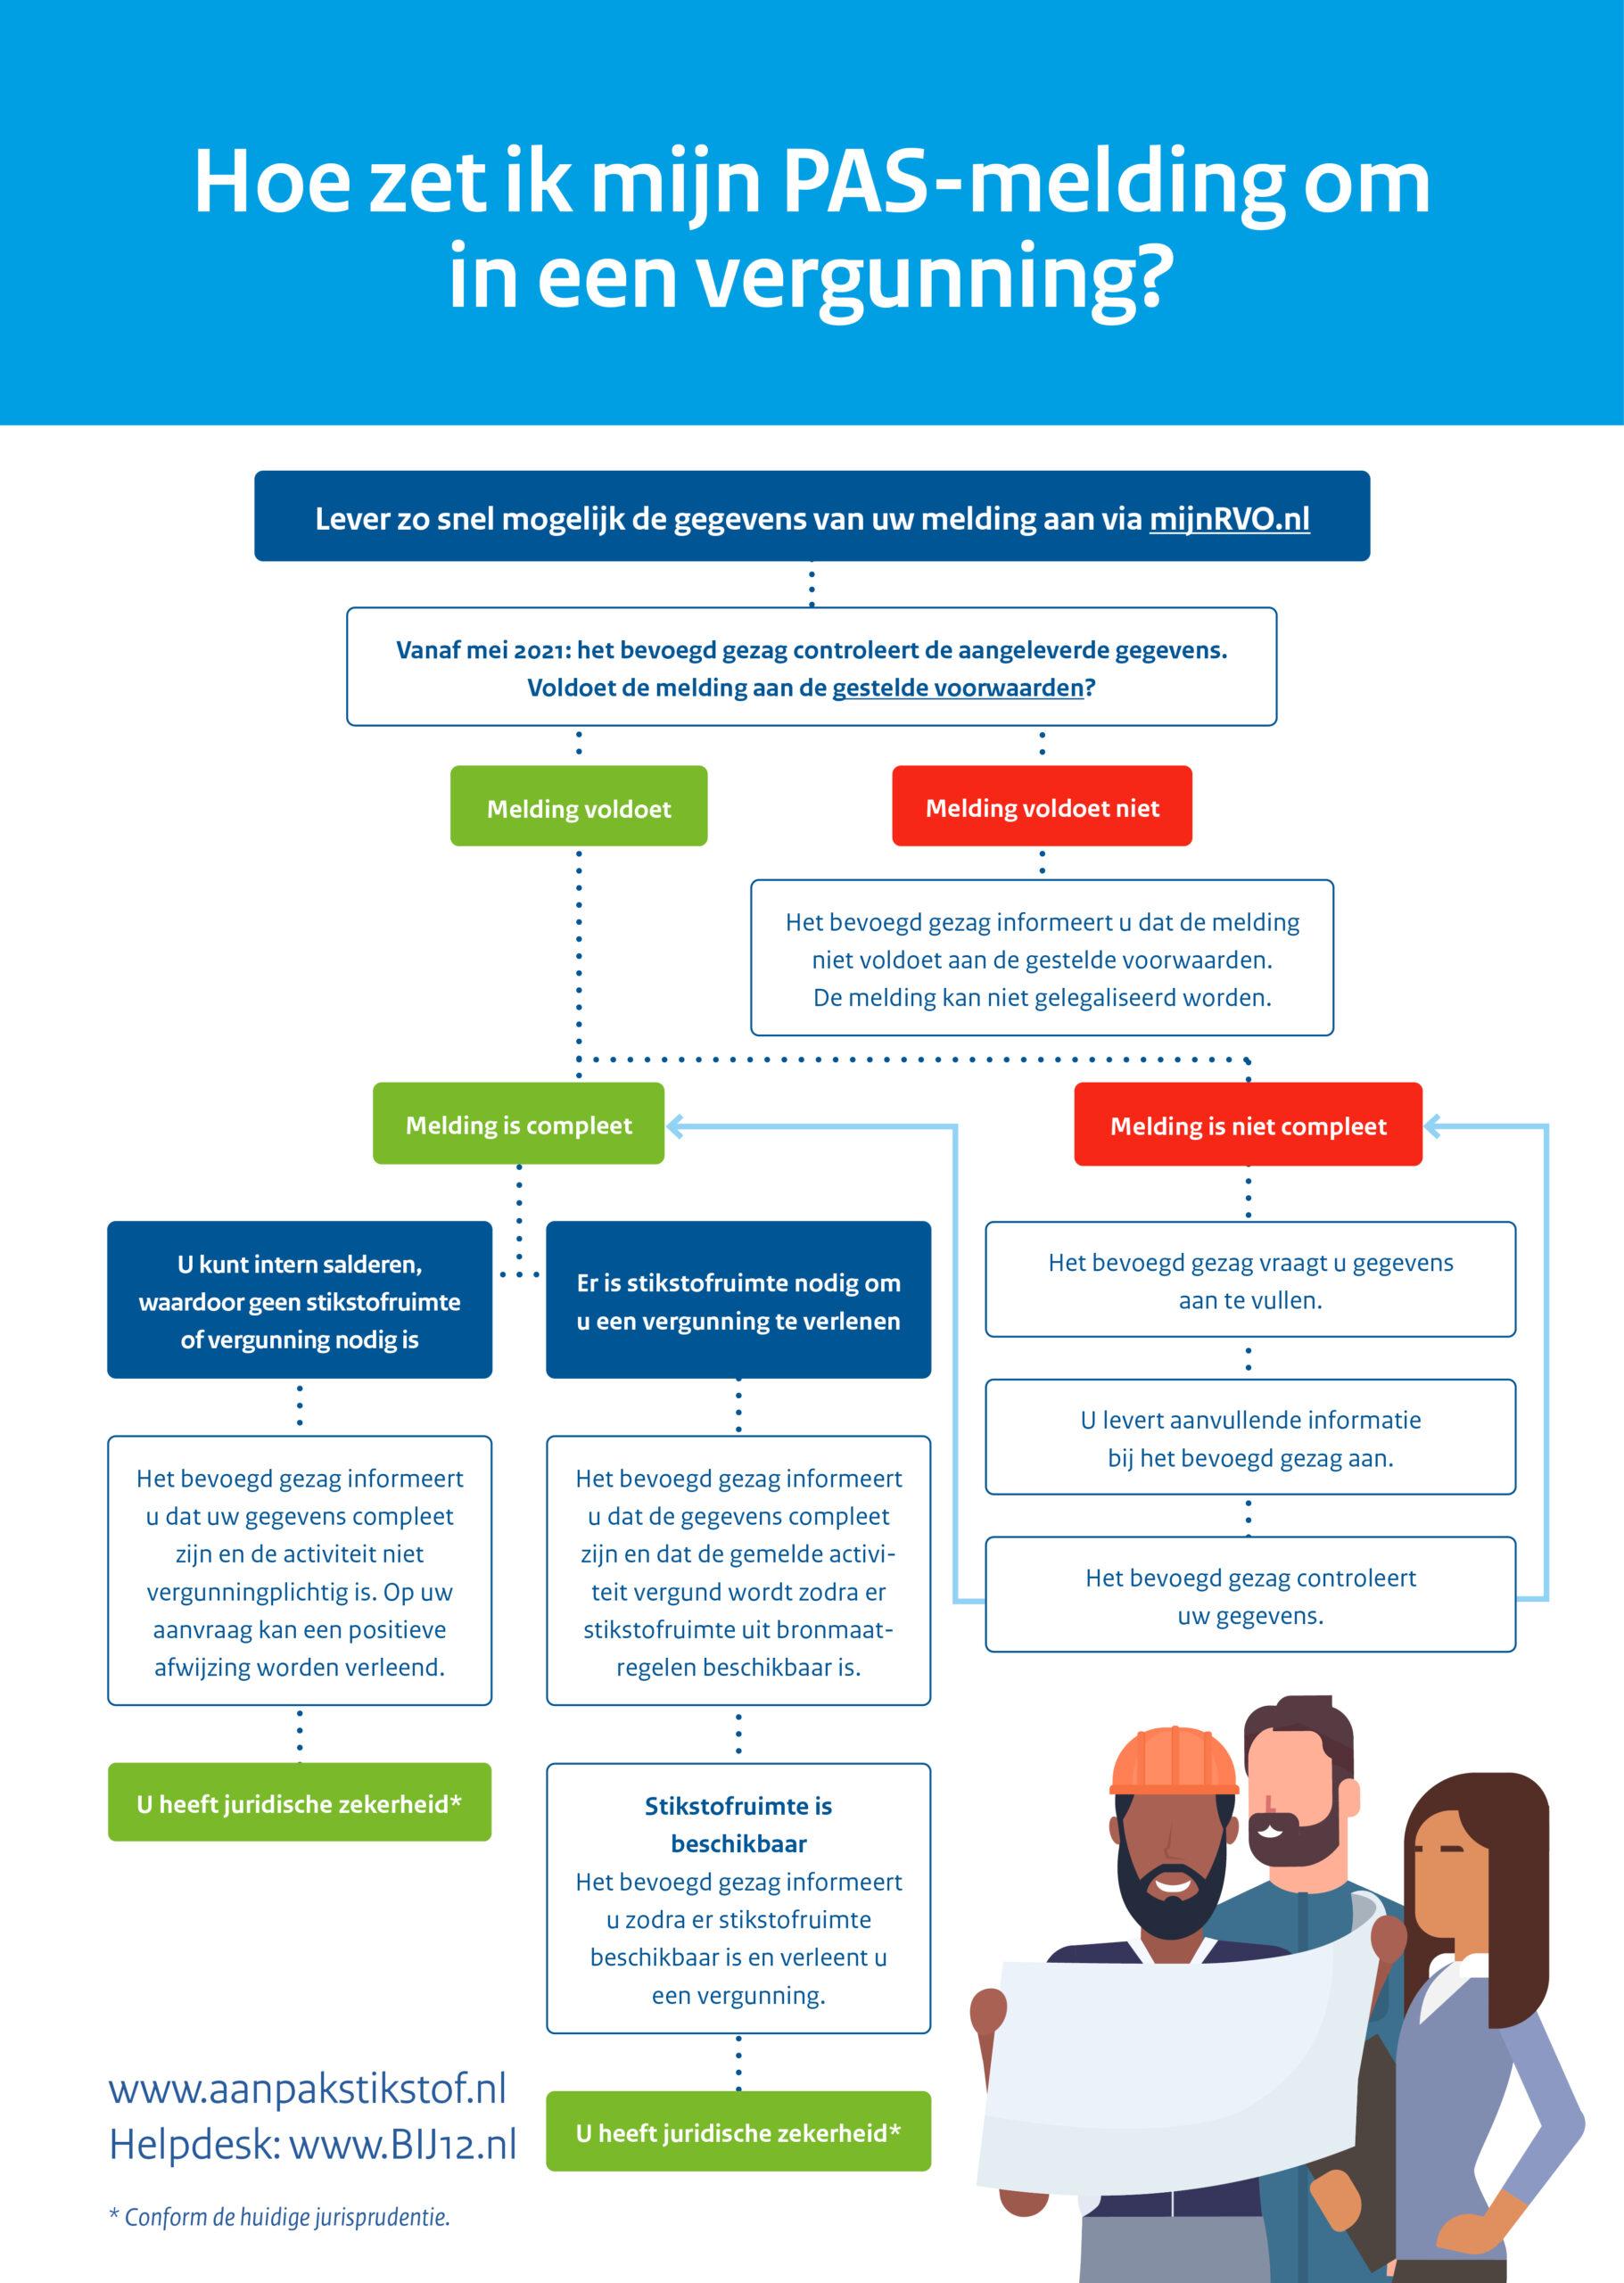 Deze visual of infographic beschrijft schematisch hoe een PAS-melding omgezet kan worden in een vergunning